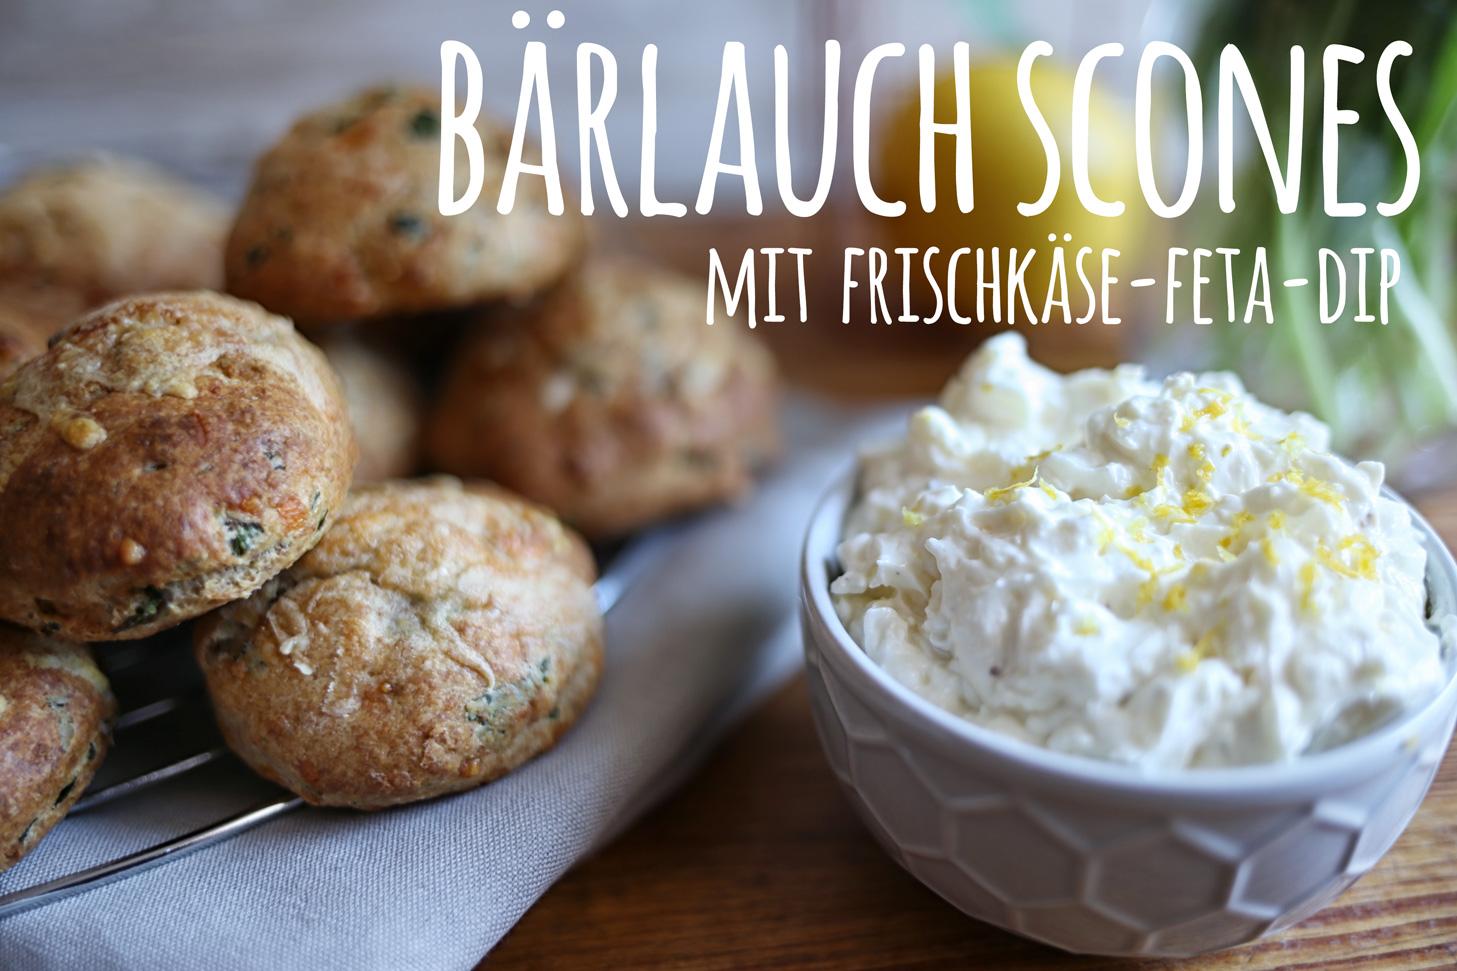 Bärlauch-Scones